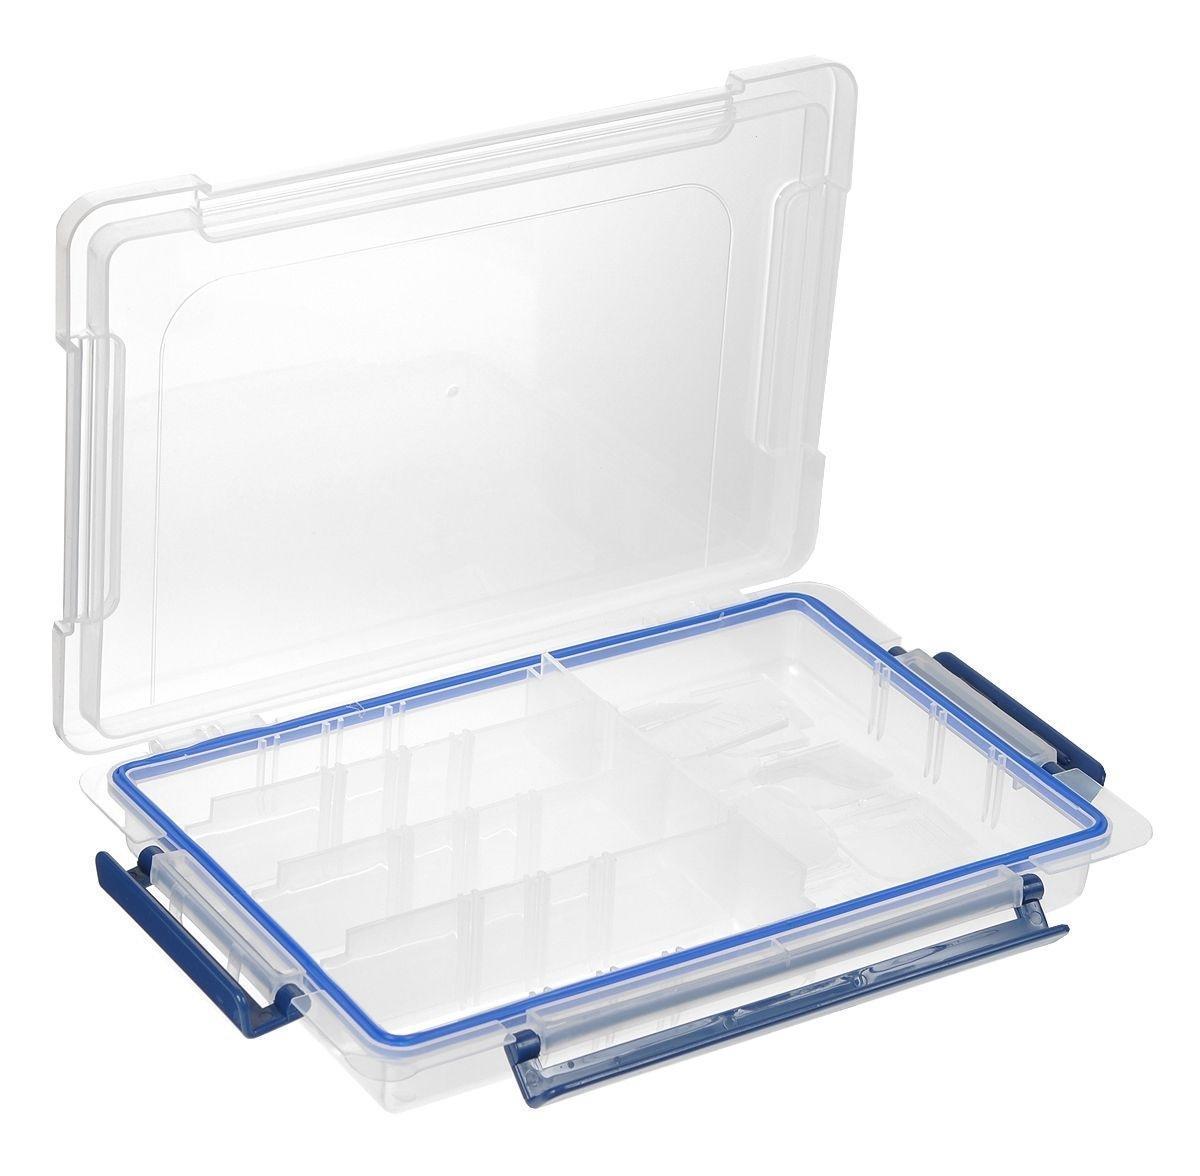 Контейнер для мелочей, 27 см х 17,8 см х 4,5 см. 525960525960Контейнер для мелочей изготовлен из прозрачного пластика, что позволяет видеть содержимое. Внутри содержится 20 ячеек для хранения мелких принадлежностей. В комплект входят вставляющиеся перегородки, позволяющие варьировать размеры ячеек. Крышка плотно закрывается на три замка-защелки. Такой контейнер поможет держать вещи в порядке.